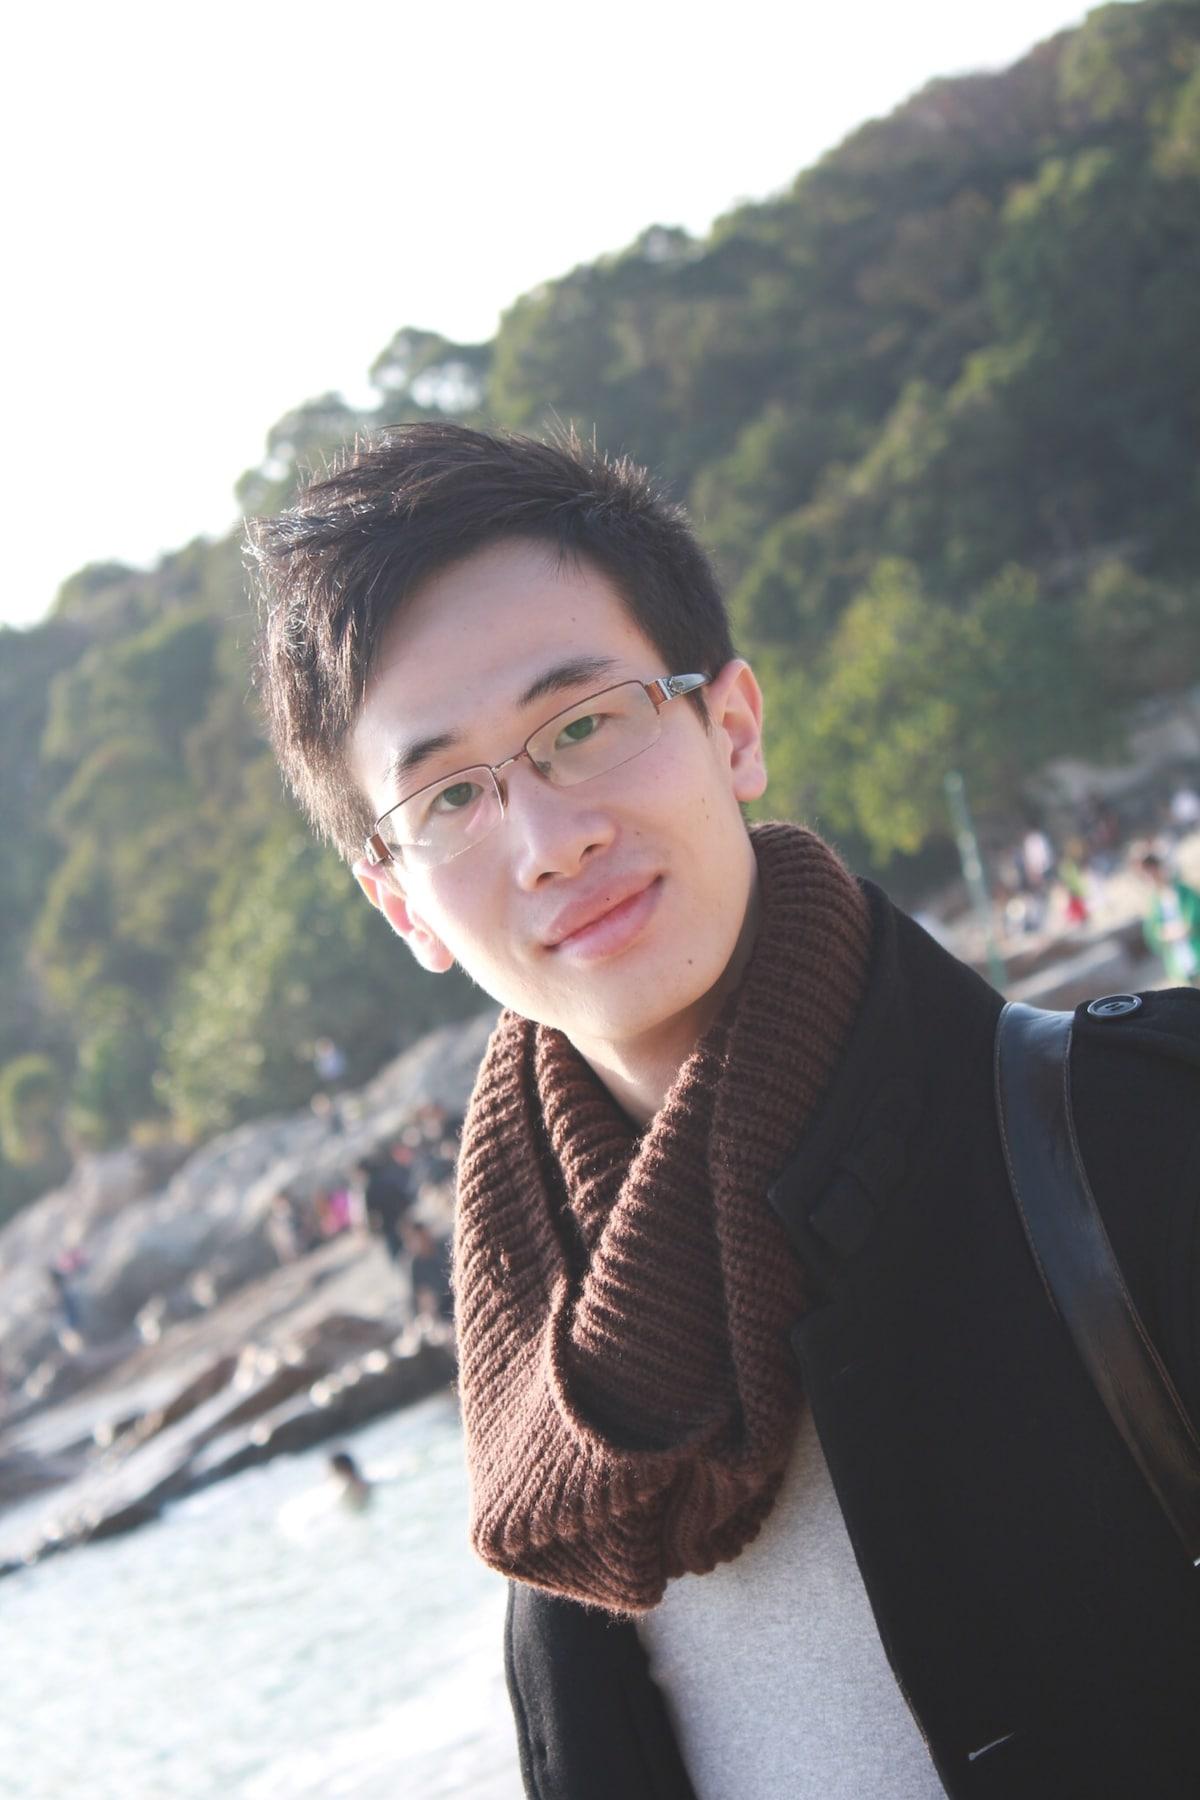 2009年從廣州來到香港讀大學,現在在香港工作。喜歡籃球、器乐、烹飪、寵物、戶外。 I came